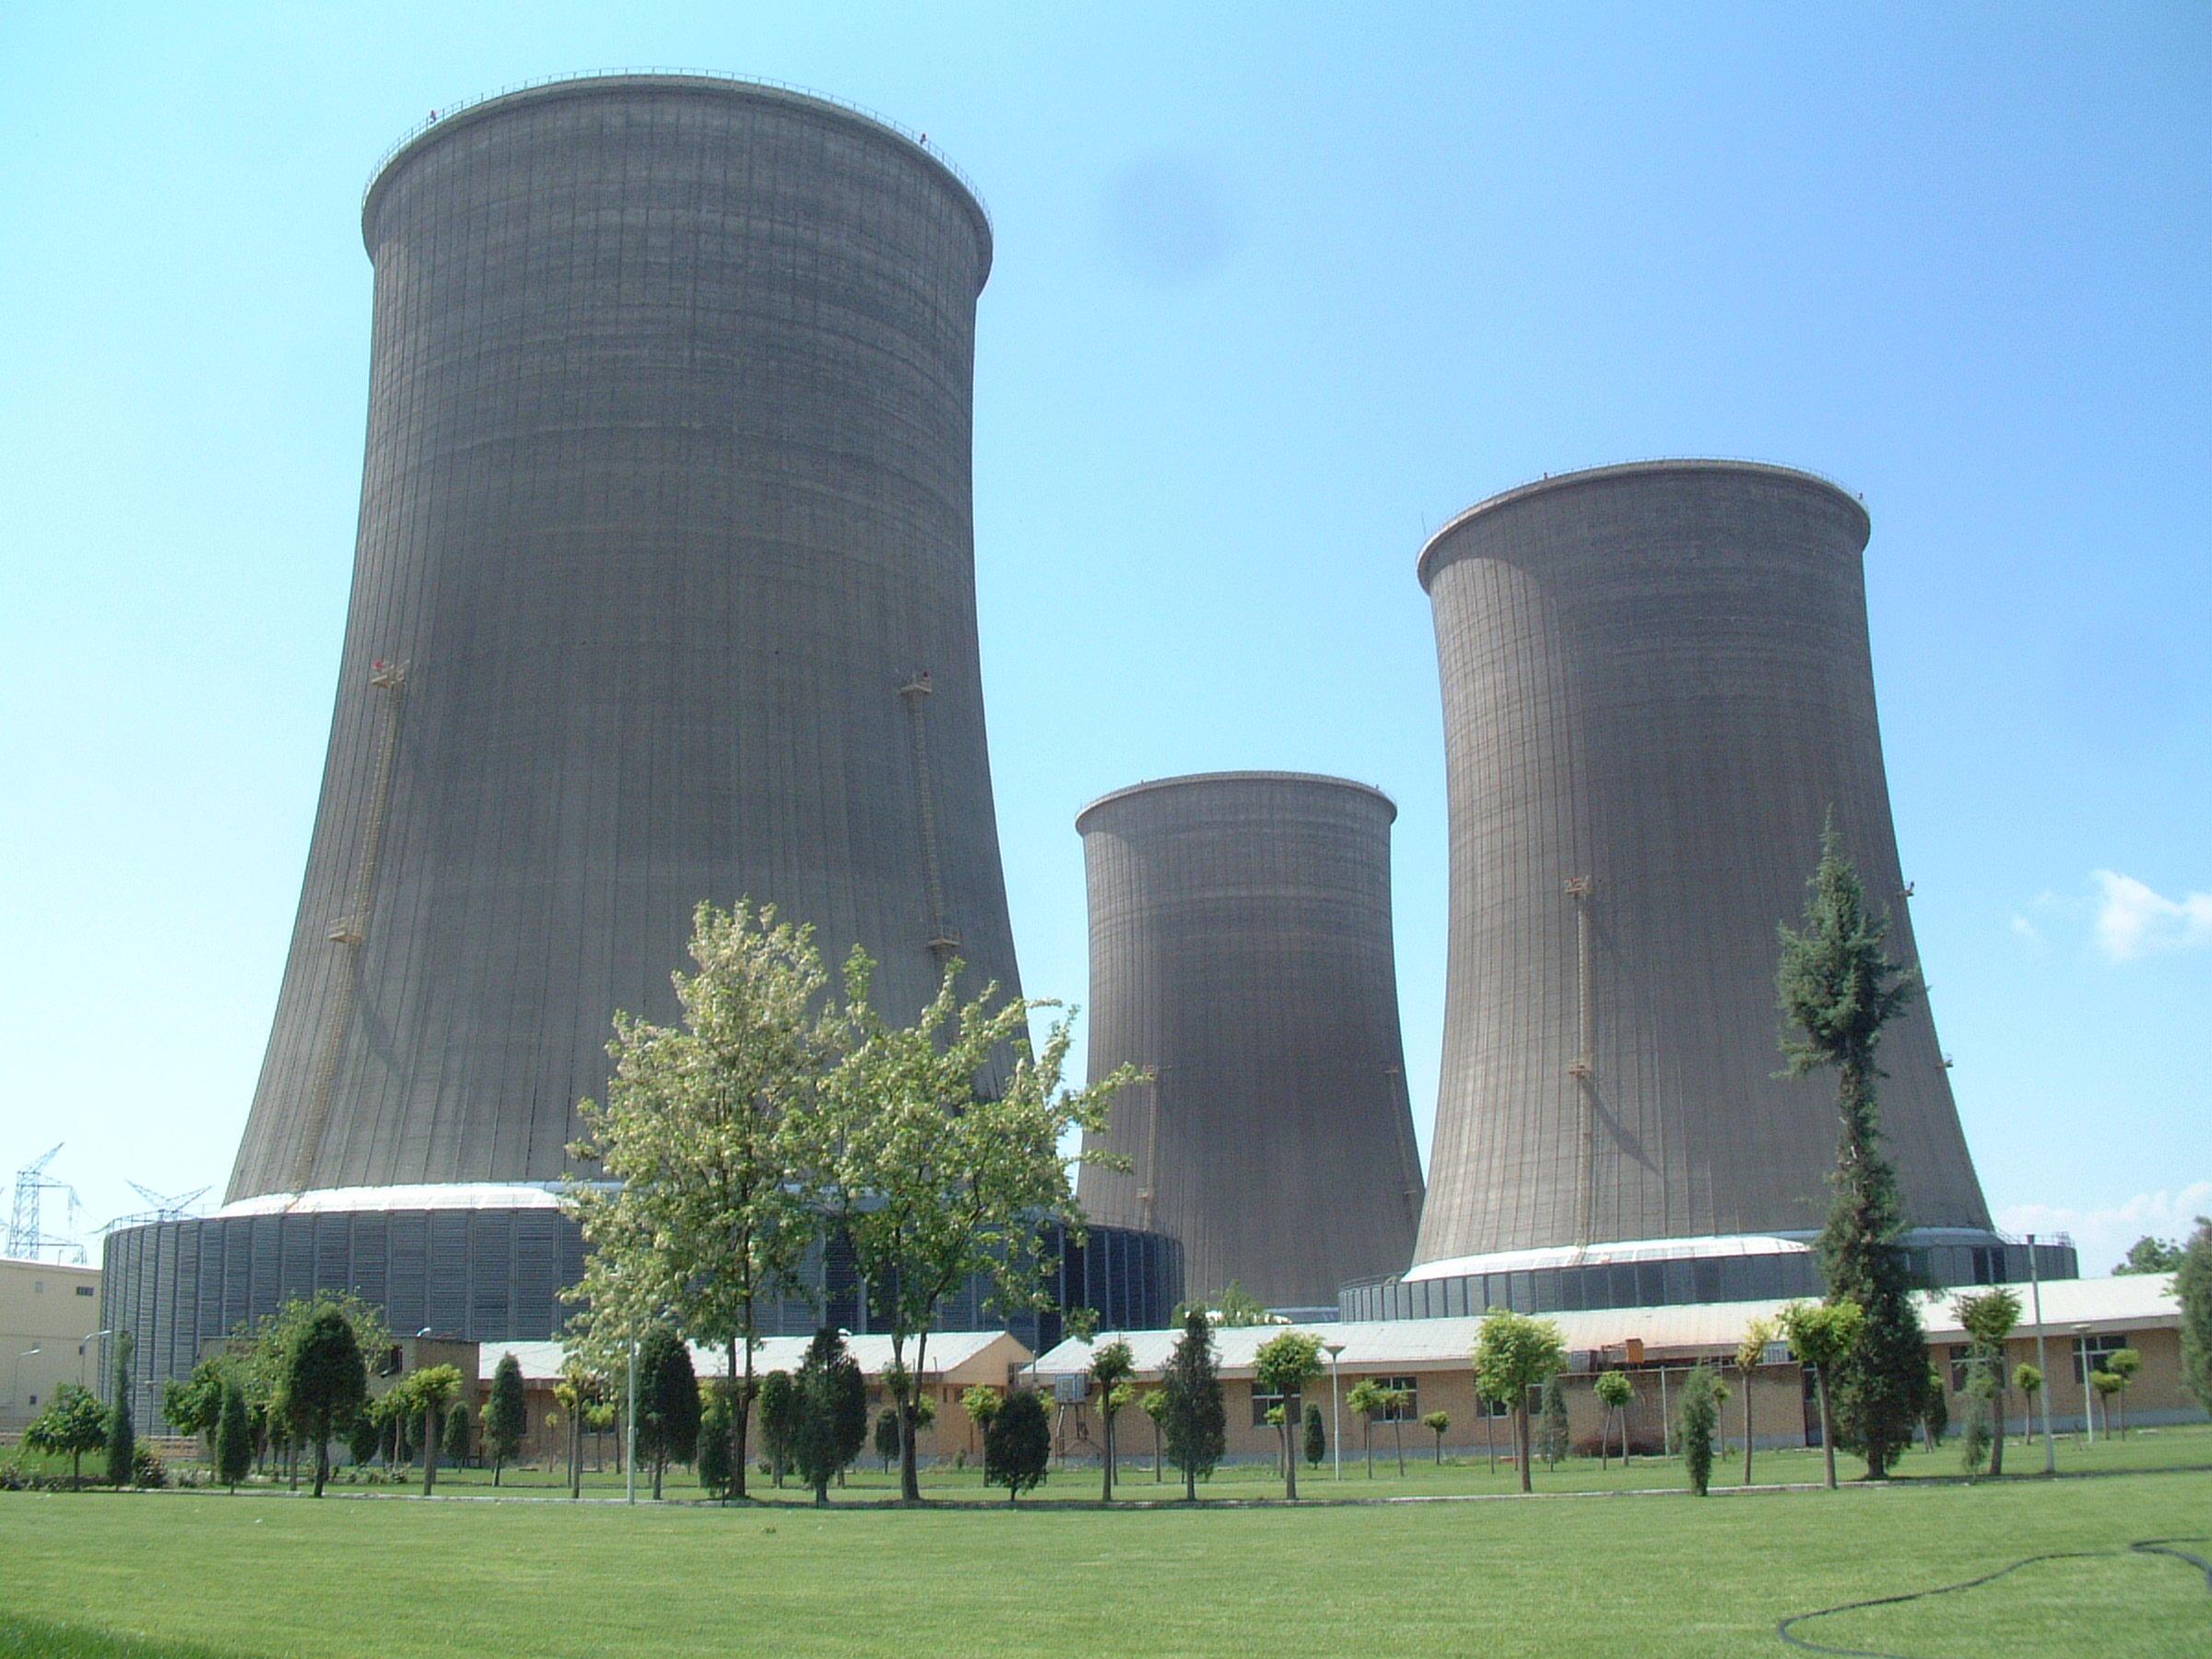 توقف فعالیت تولید برق نیروگاه اتمی بوشهر به منظور تعمیرات دوره ای